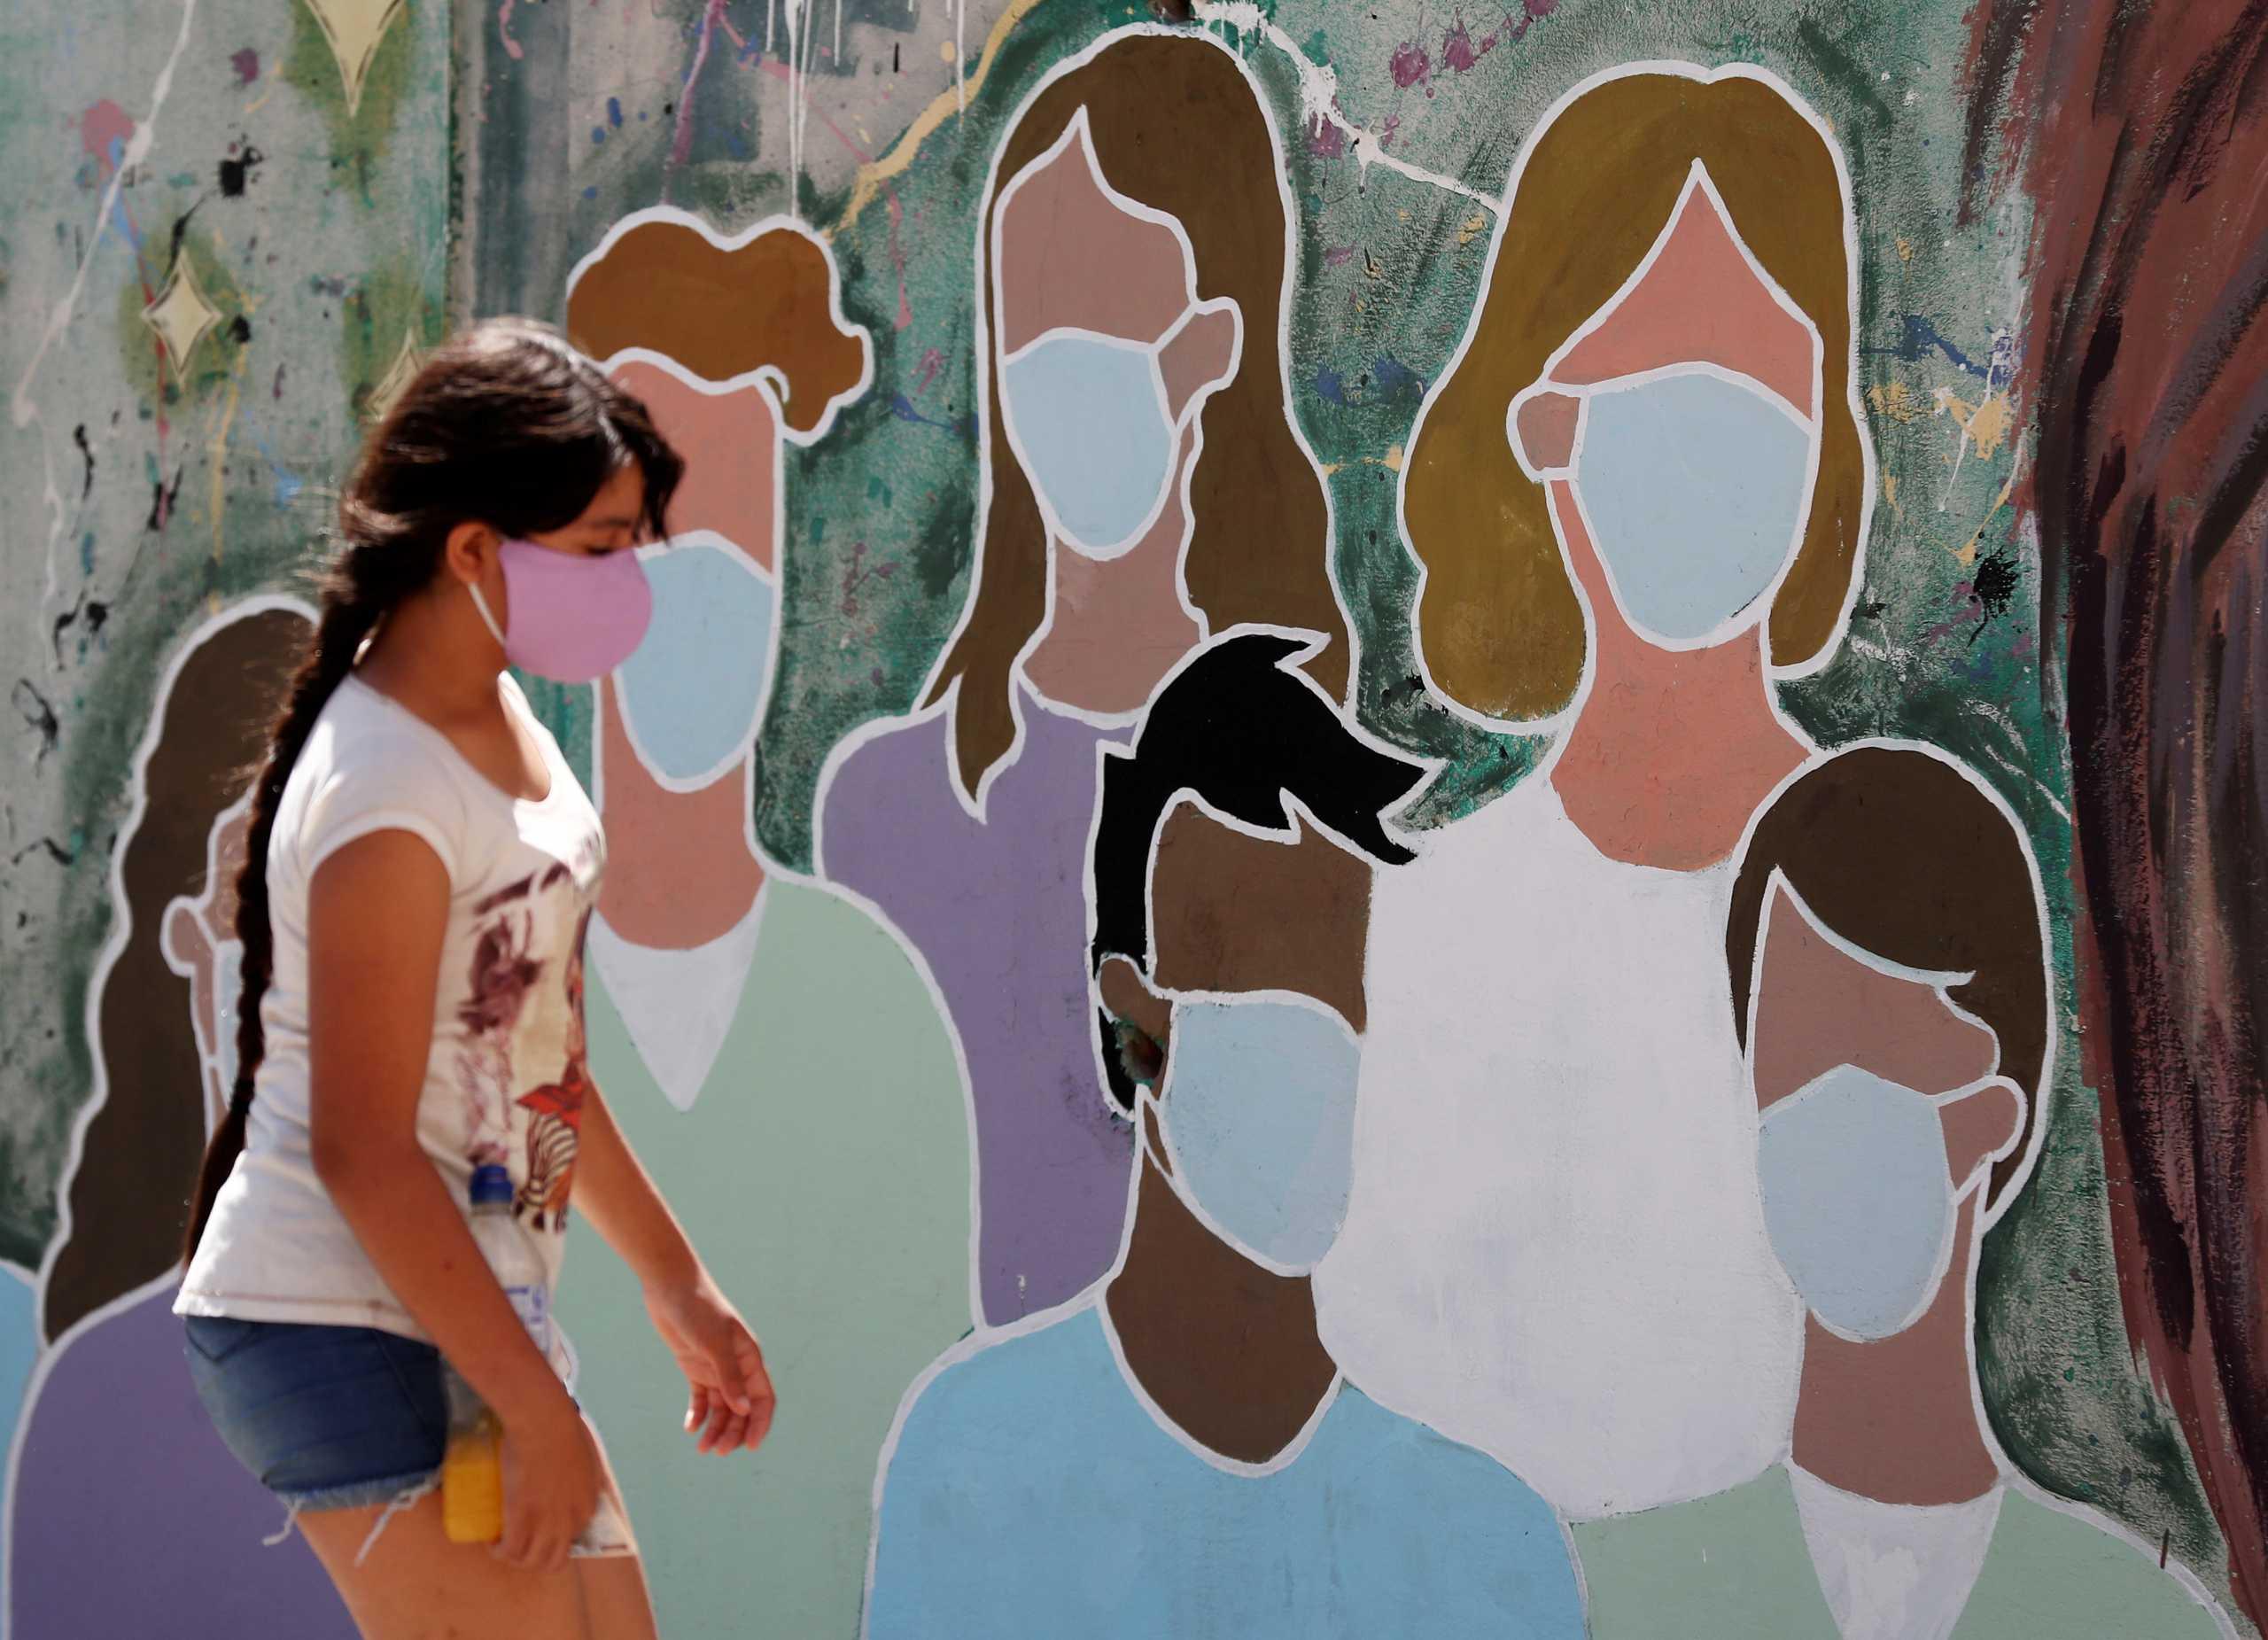 Κορονοϊός: Ήρθε η ώρα για αλλαγή στις συστάσεις για μάσκες; Επιστήμονες απαντούν